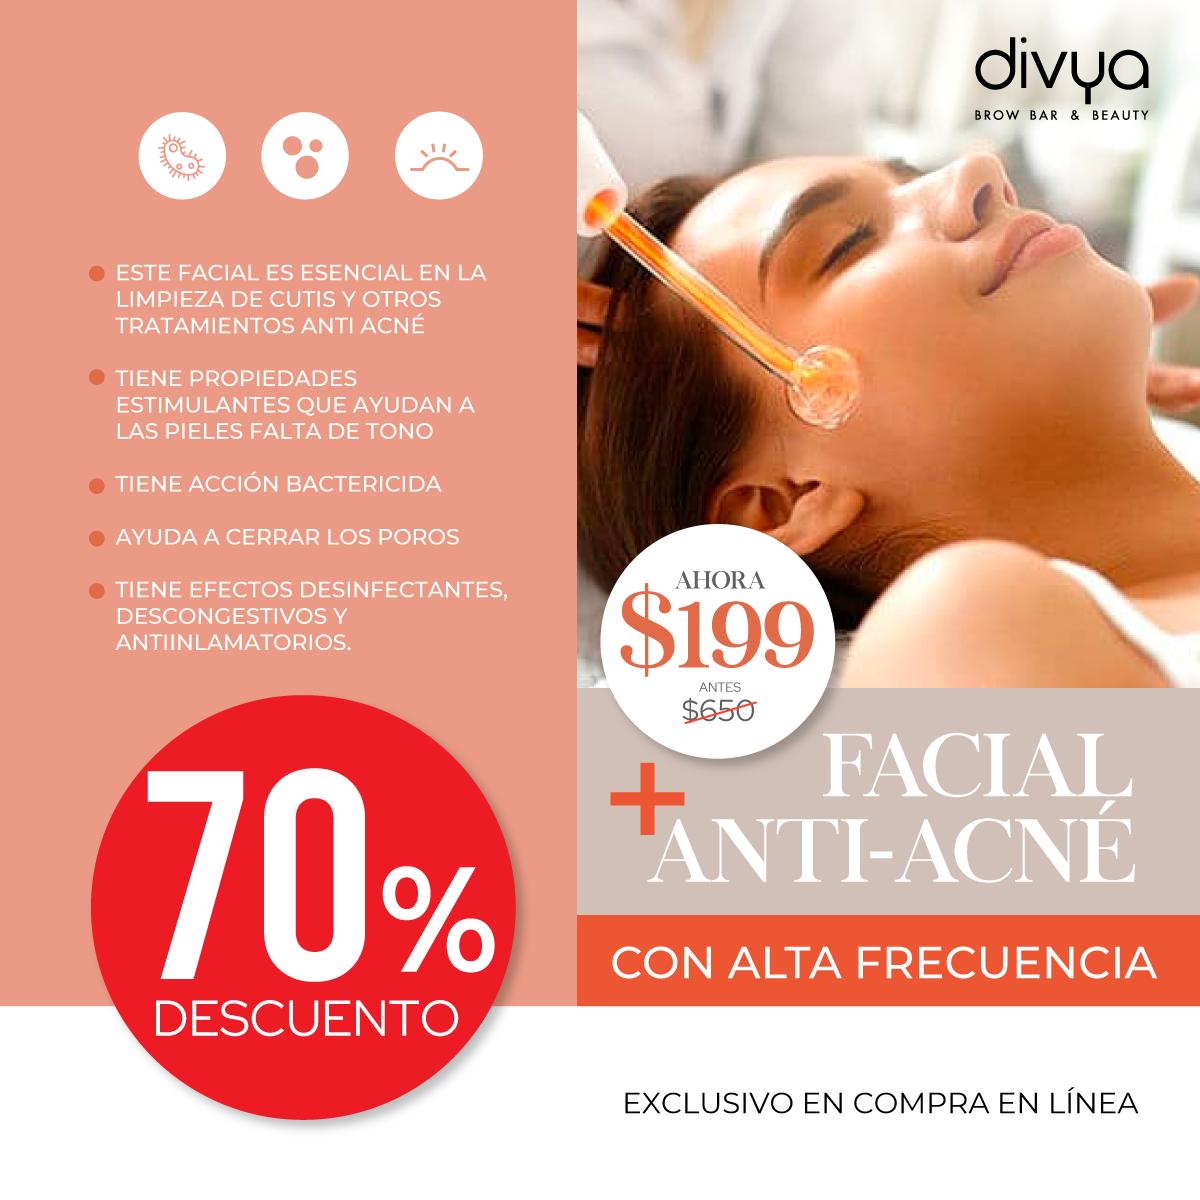 Facial Anti Acné con Alta Frecuencia- GALERÍAS METEPEC&w=900&h=900&fit=crop